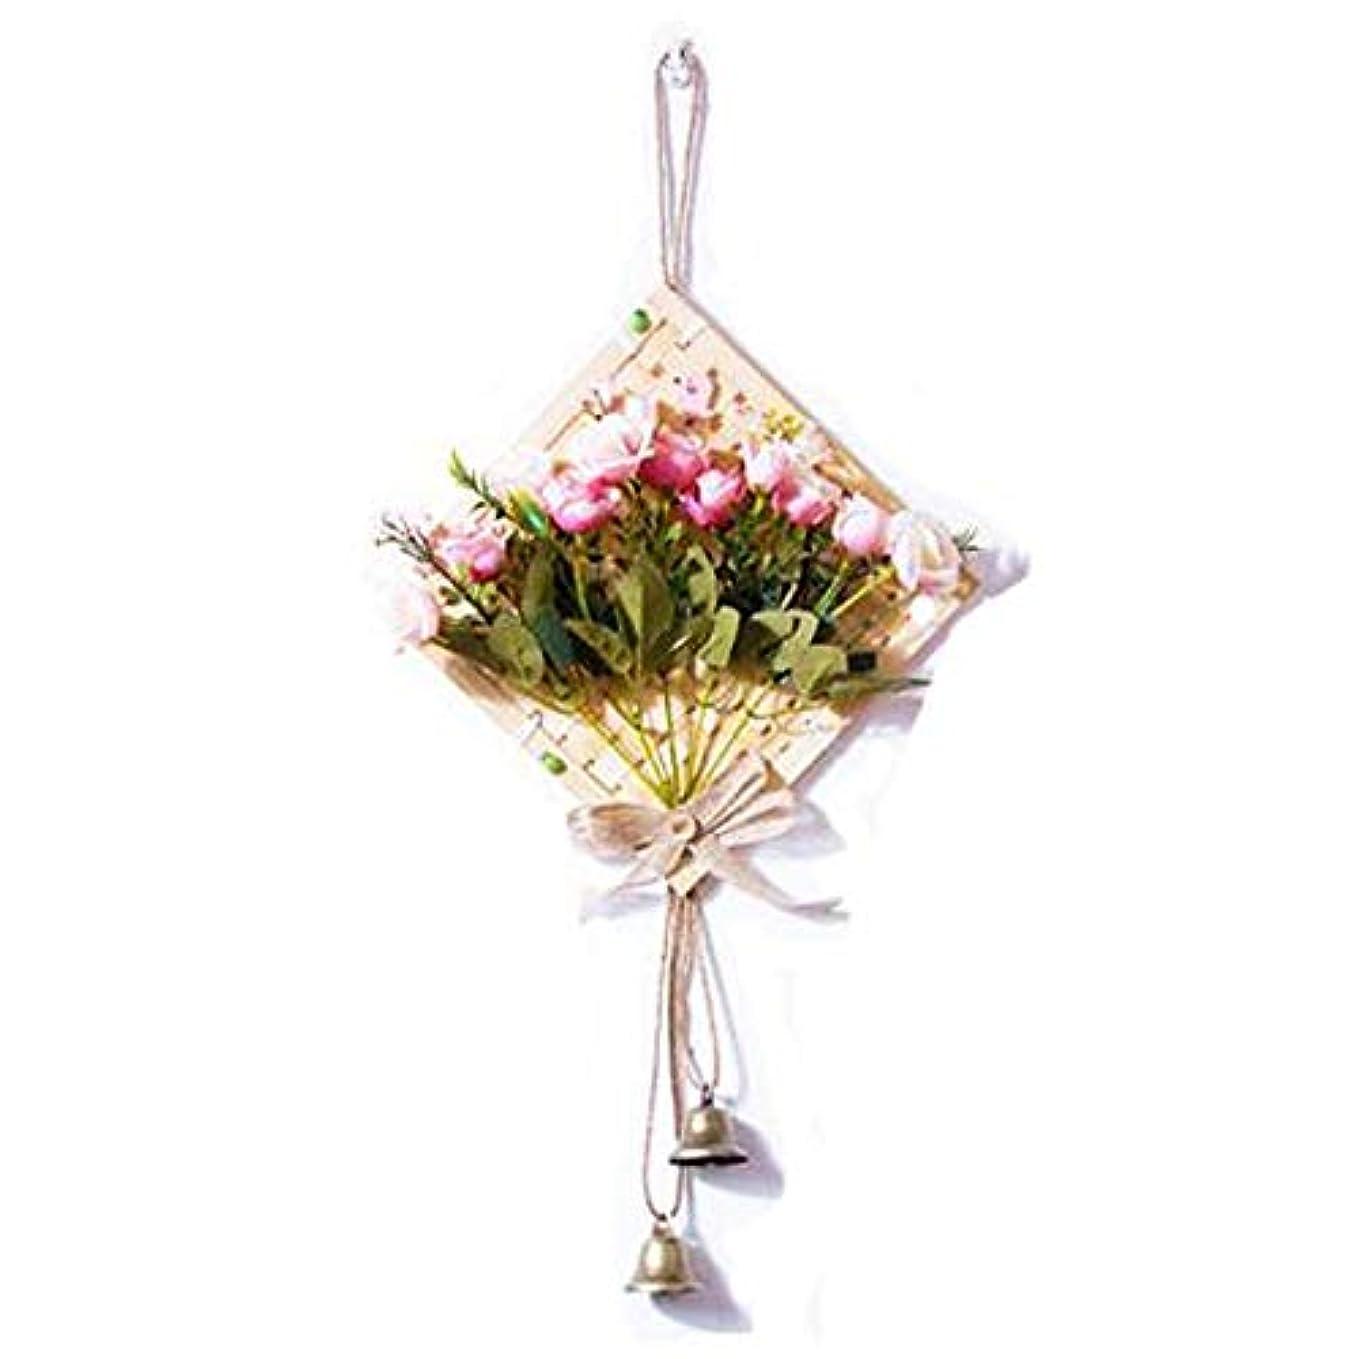 ブラシかご枯渇Hongyushanghang 風チャイム、クリエイティブ?竹風チャイム、白、幅28.5cmくらい,、ジュエリークリエイティブホリデーギフトを掛ける (Color : Pink)